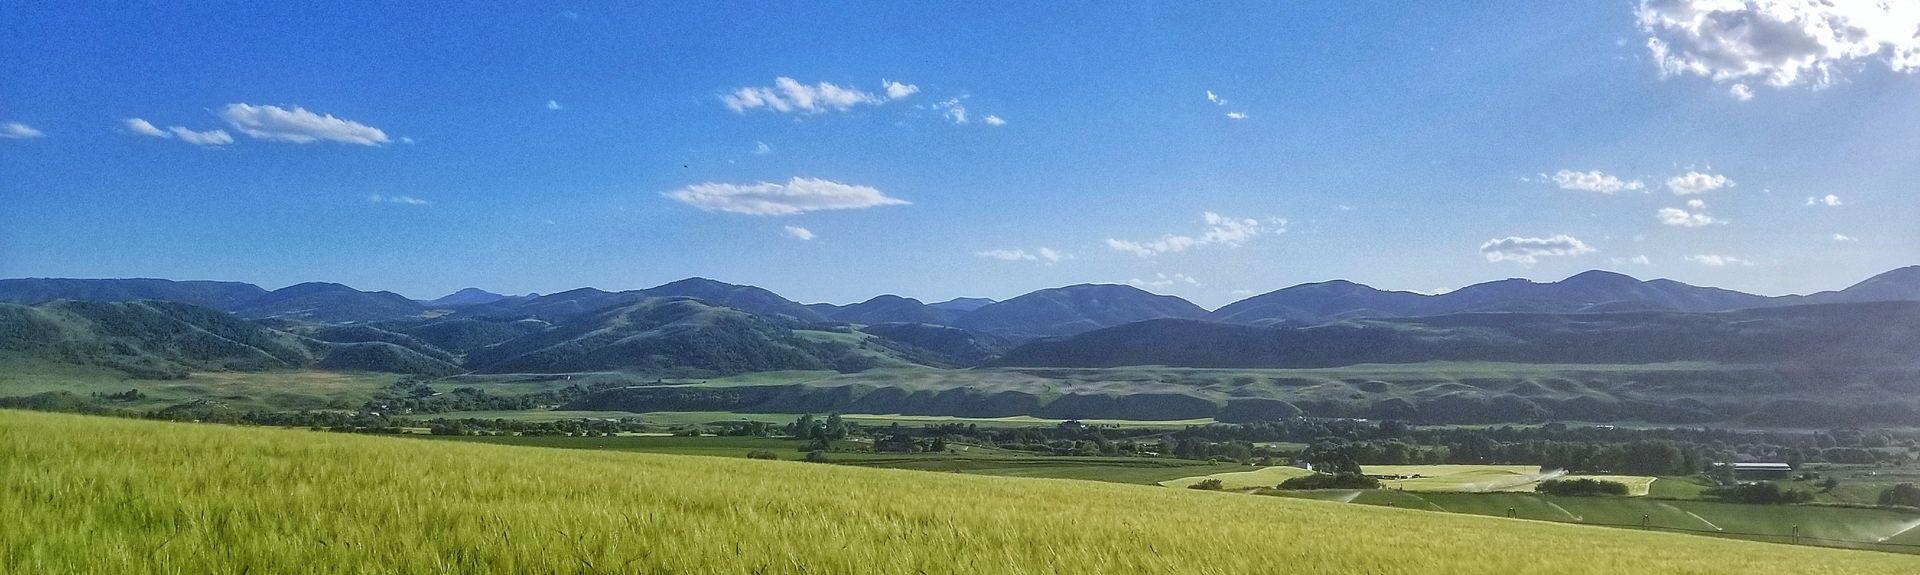 Wellsville, Utah, United States